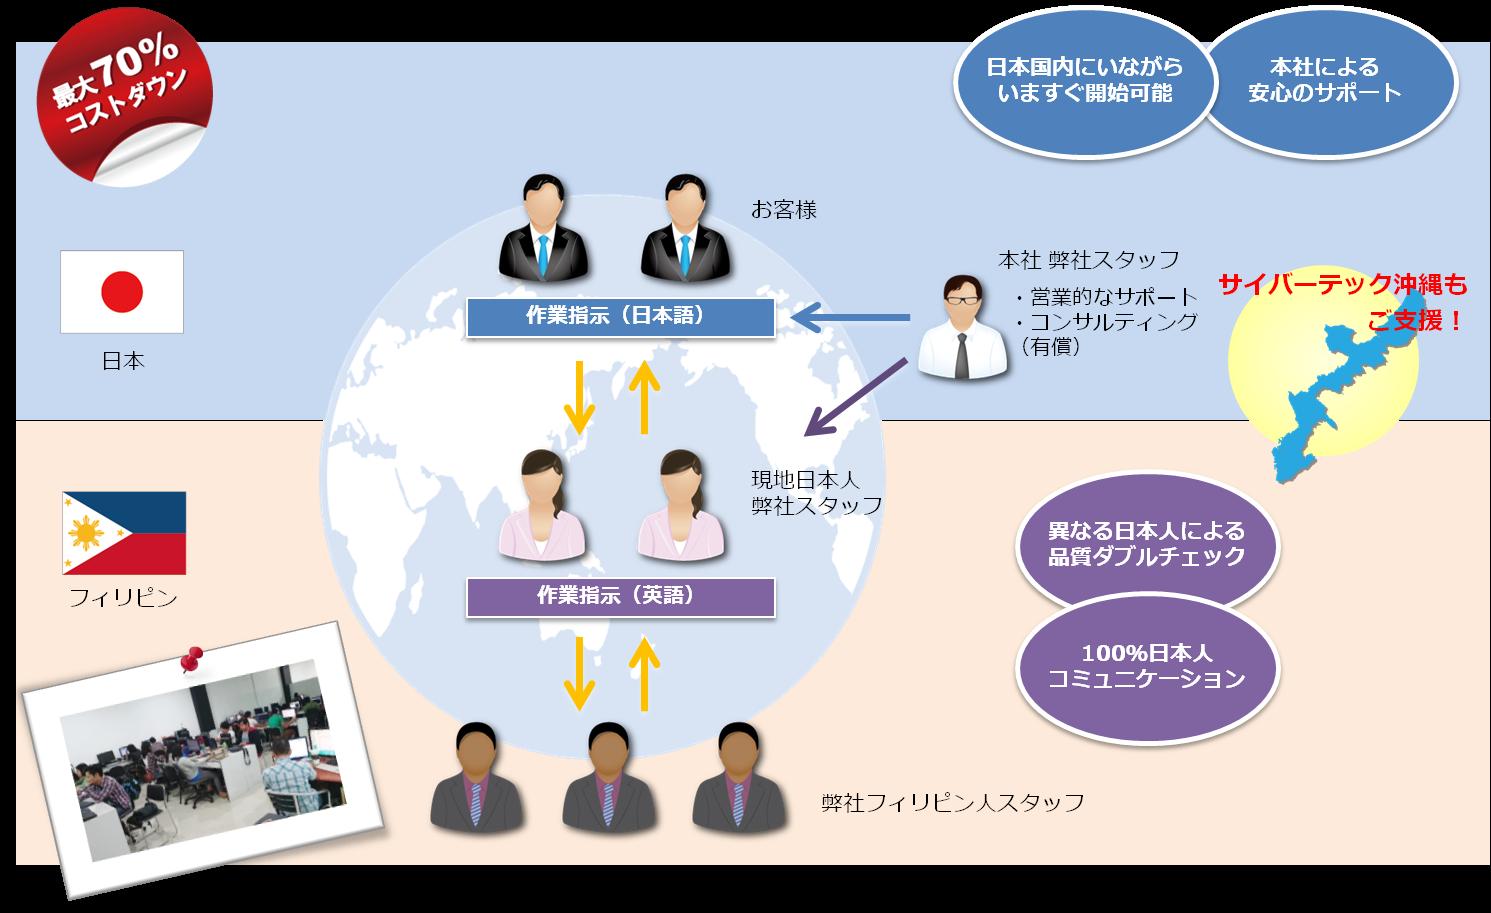 セブITアウトソーシングセンター体制図